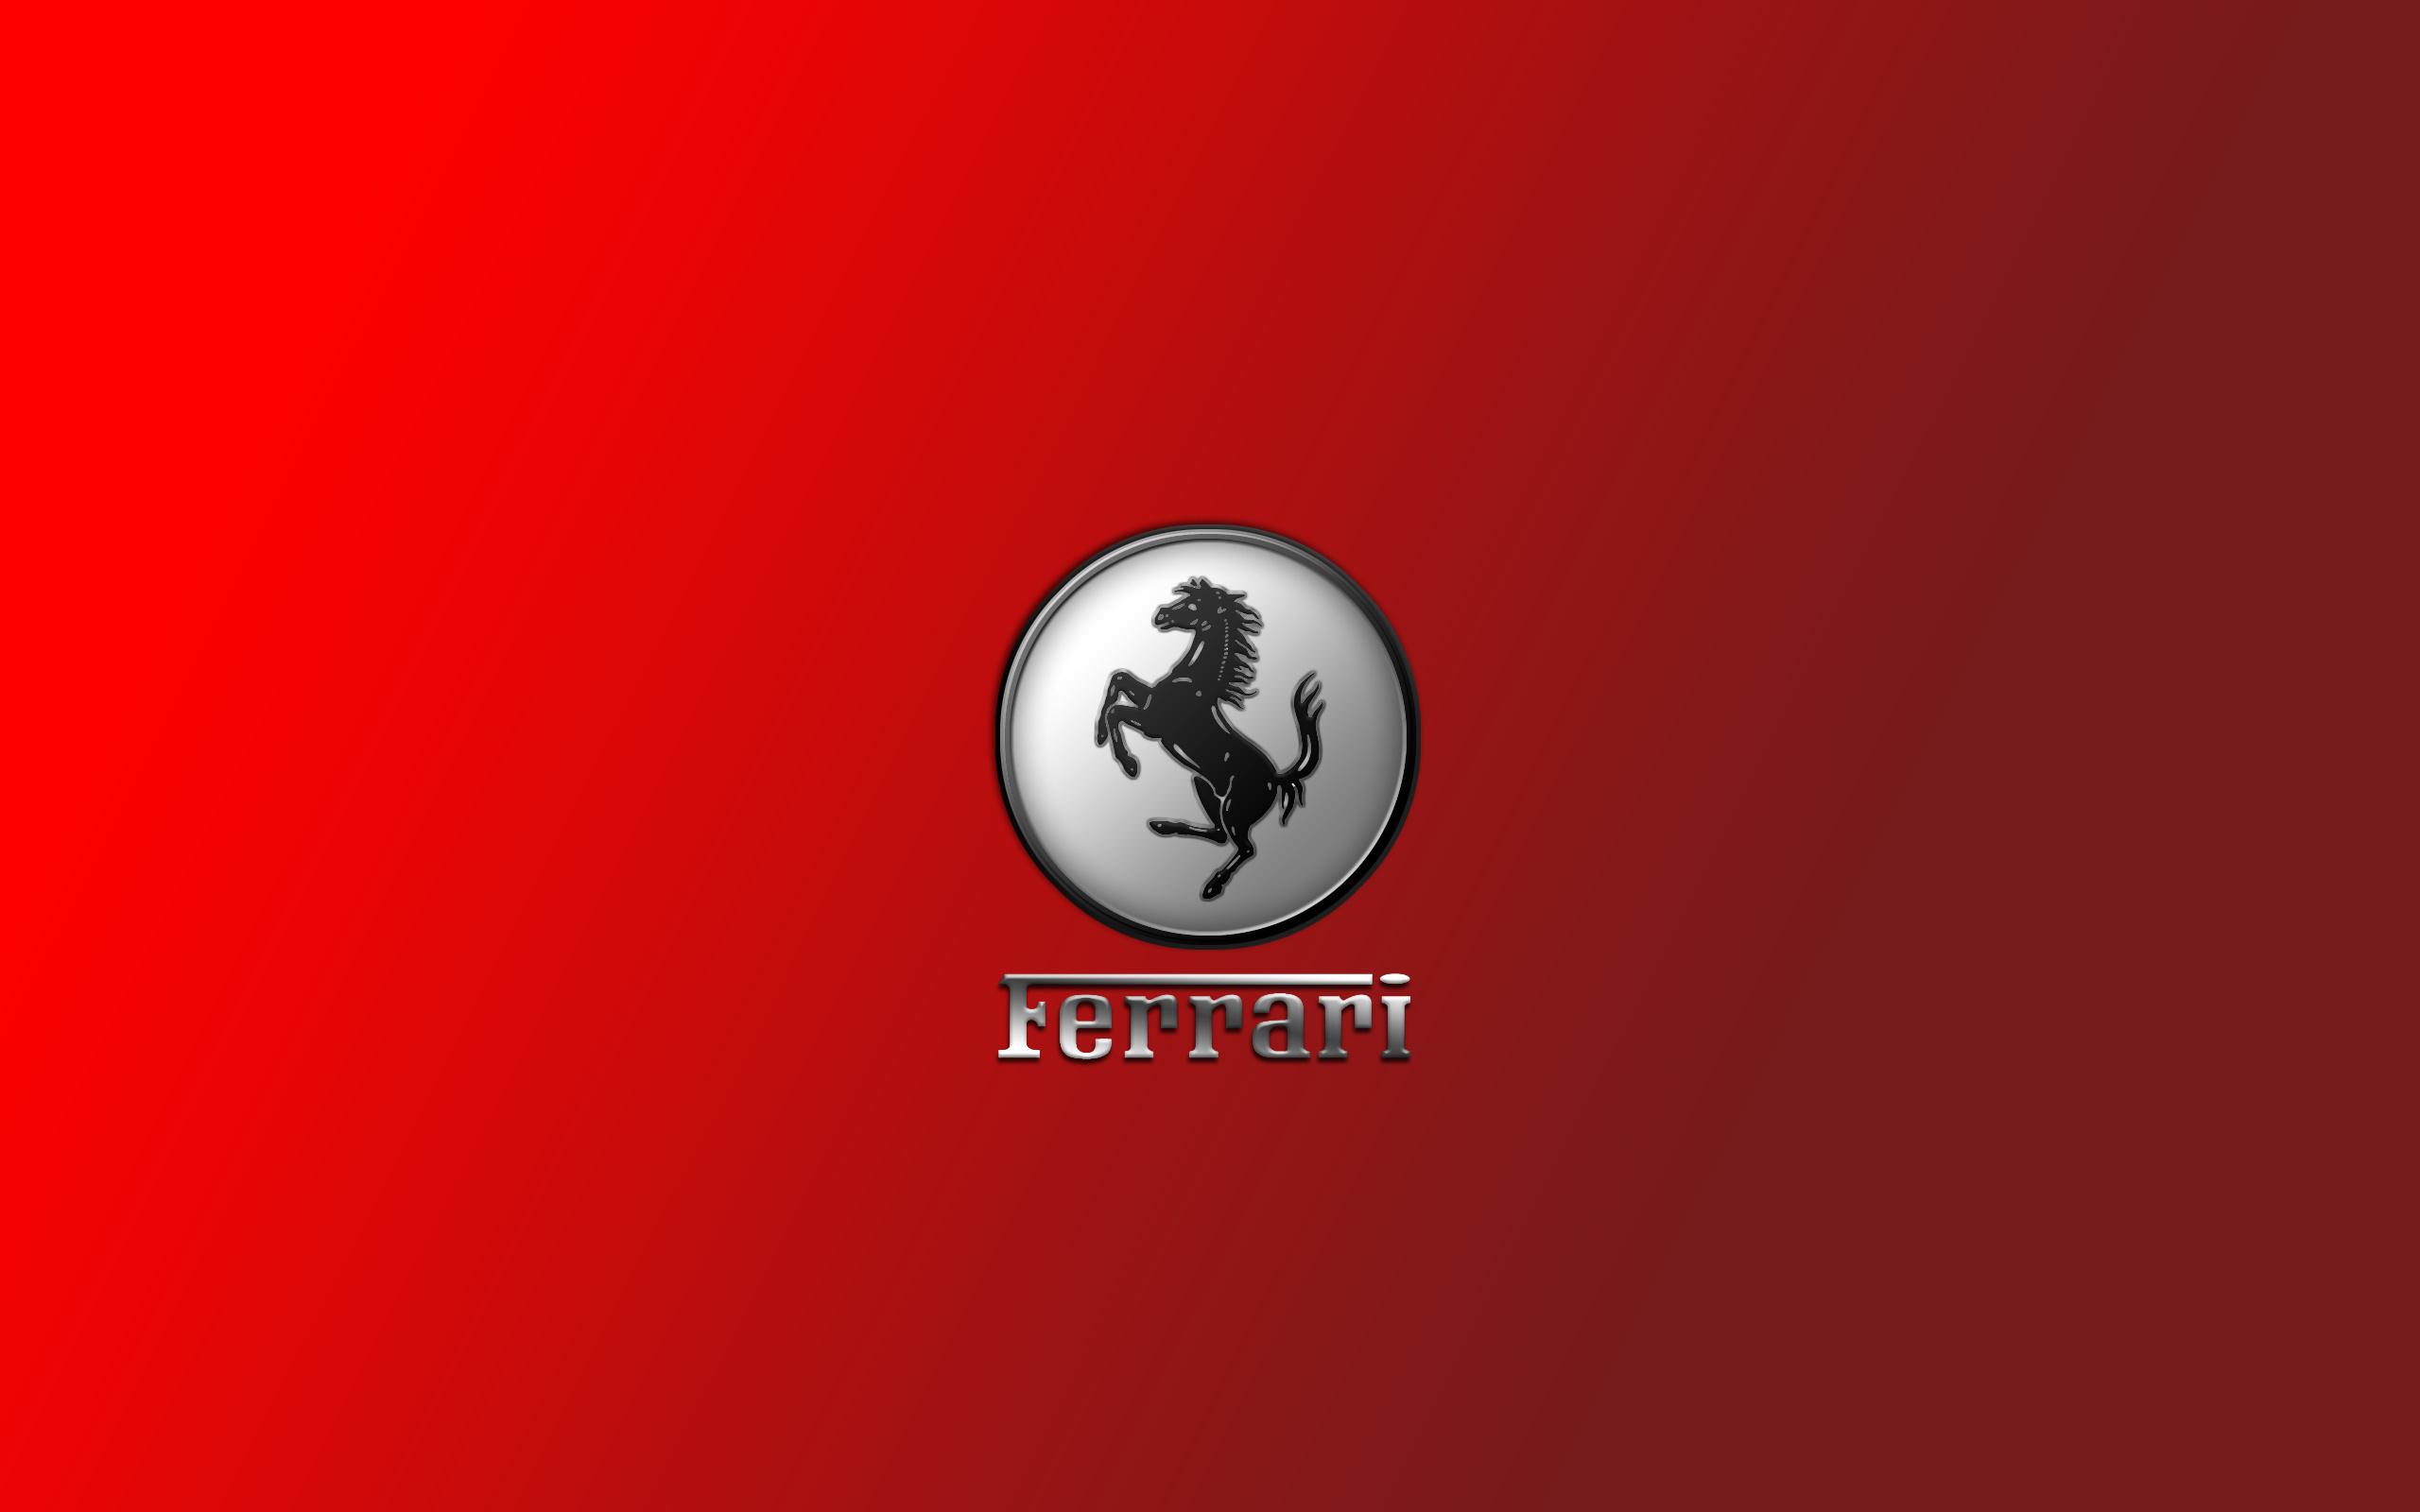 Ferrari, скачать фото, обои для рабочего стола